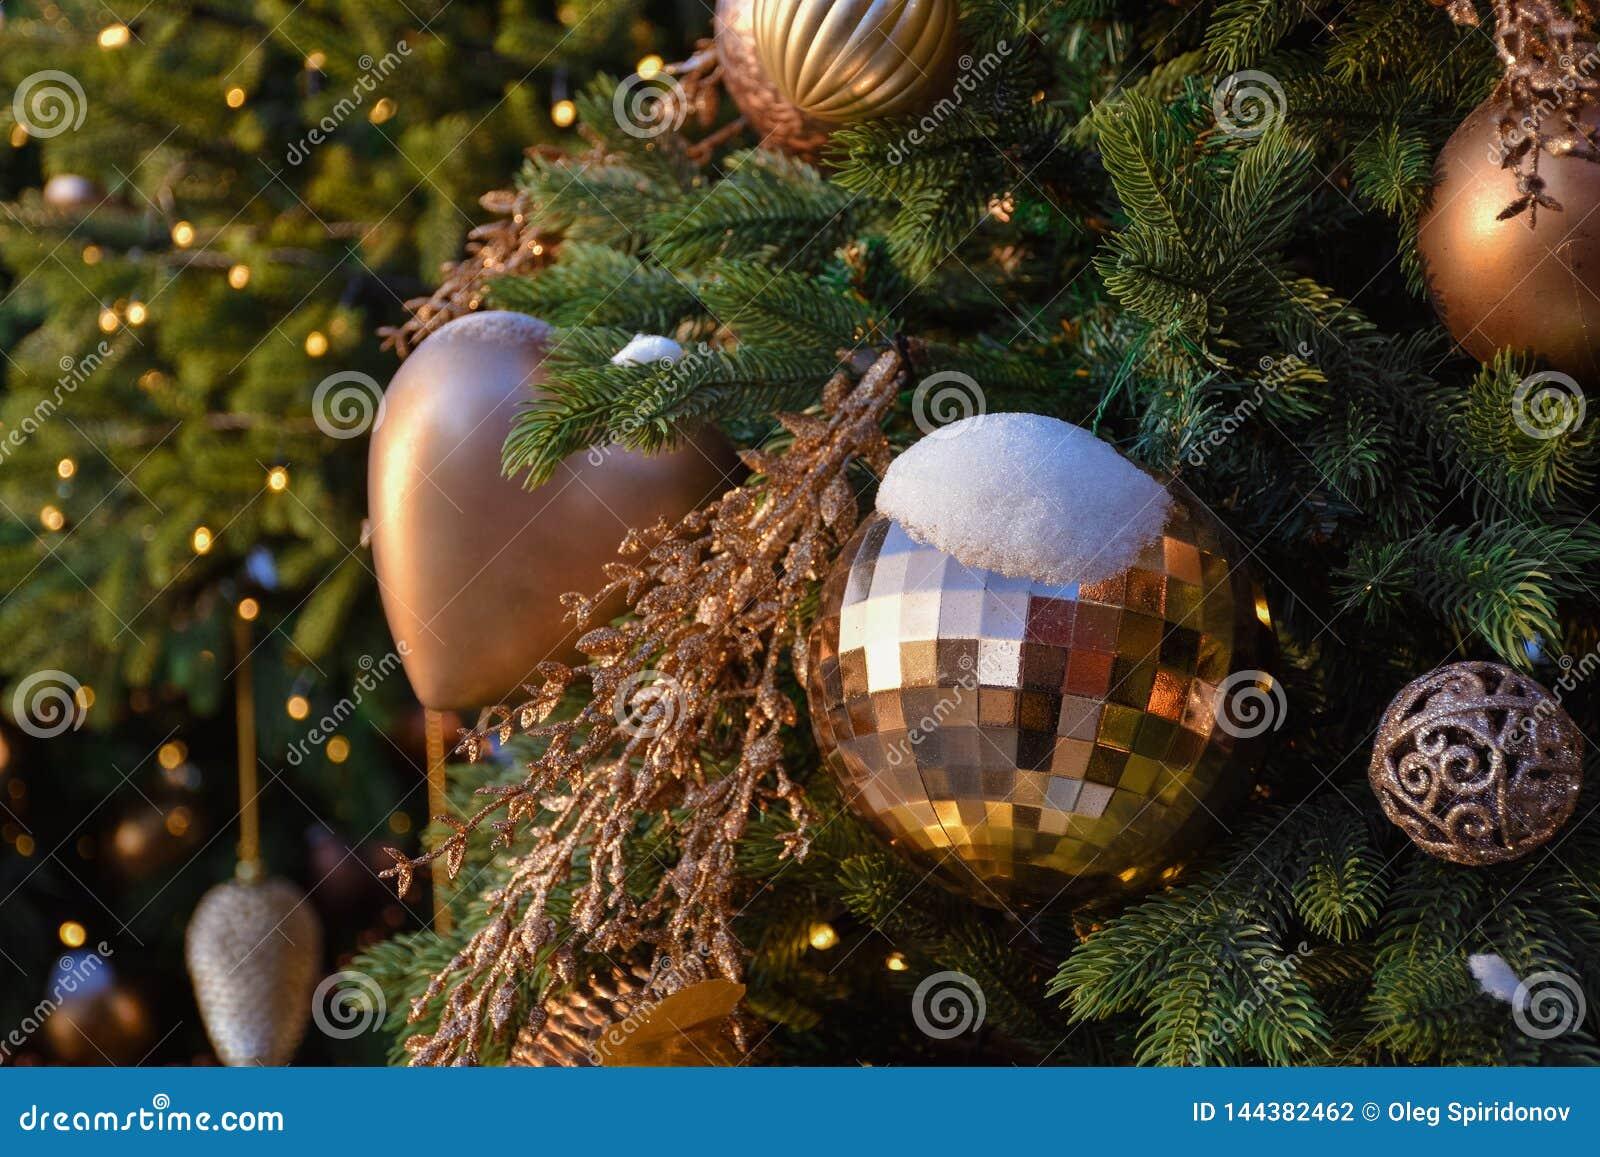 Παιχνίδια σε ένα χριστουγεννιάτικο δέντρο στο χιόνι